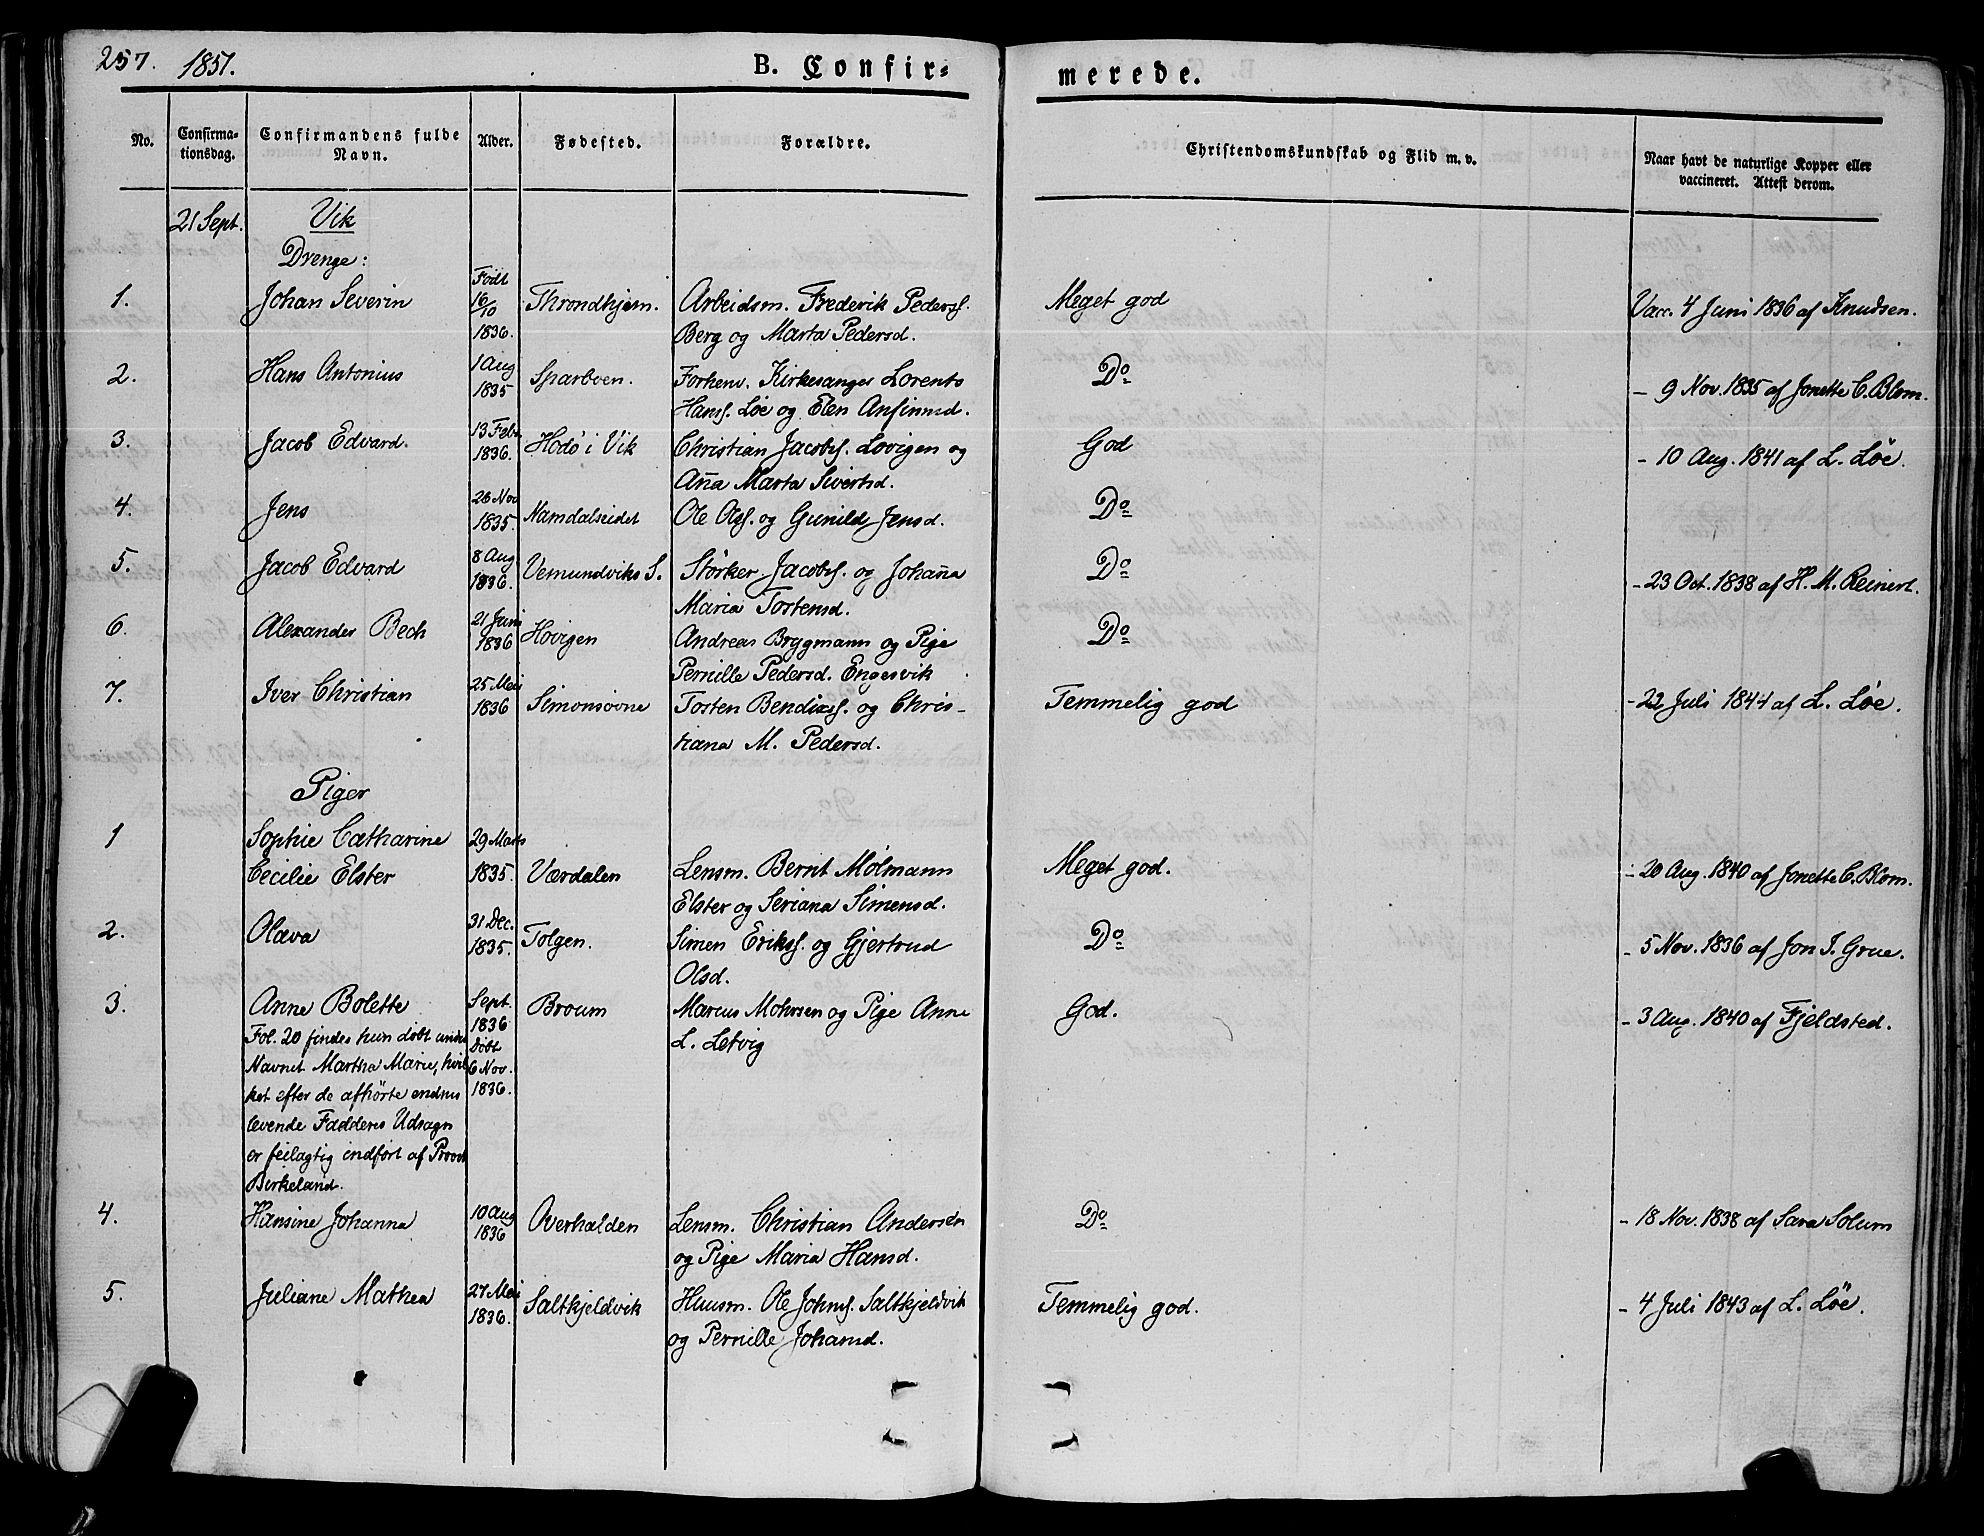 SAT, Ministerialprotokoller, klokkerbøker og fødselsregistre - Nord-Trøndelag, 773/L0614: Ministerialbok nr. 773A05, 1831-1856, s. 257